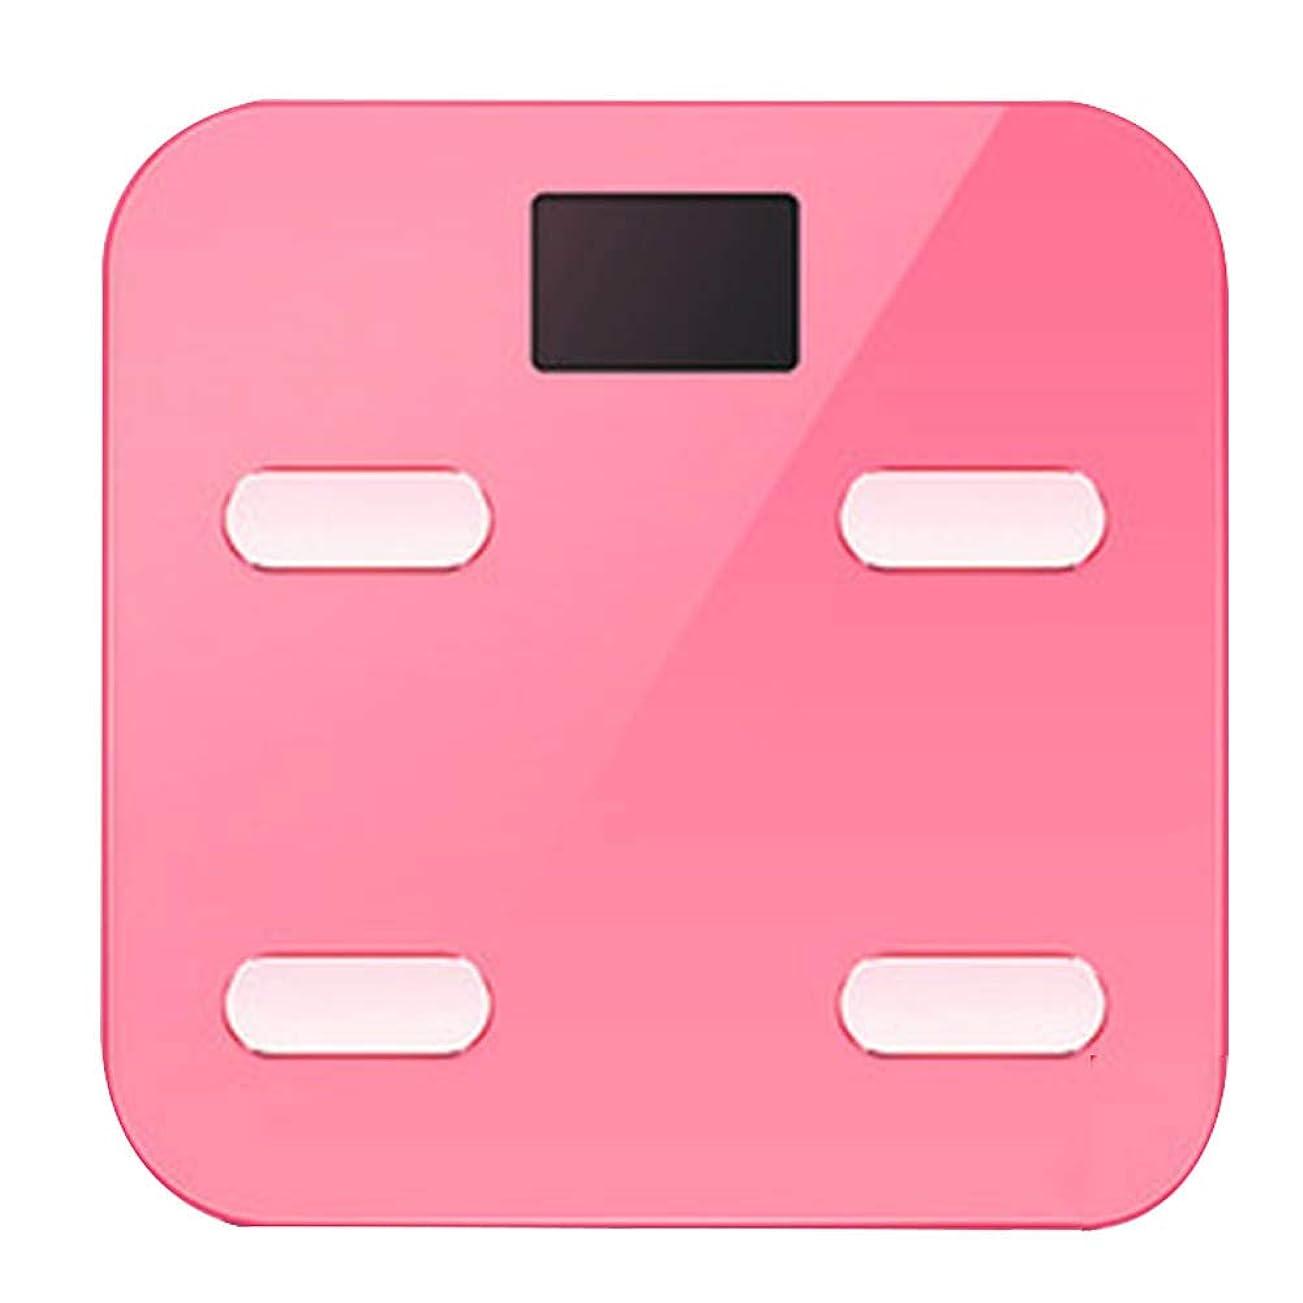 骨の折れる彼説教するバスルームスケール滑り止め超薄型バックライトディスプレイ高精度デジタル体重体脂肪計